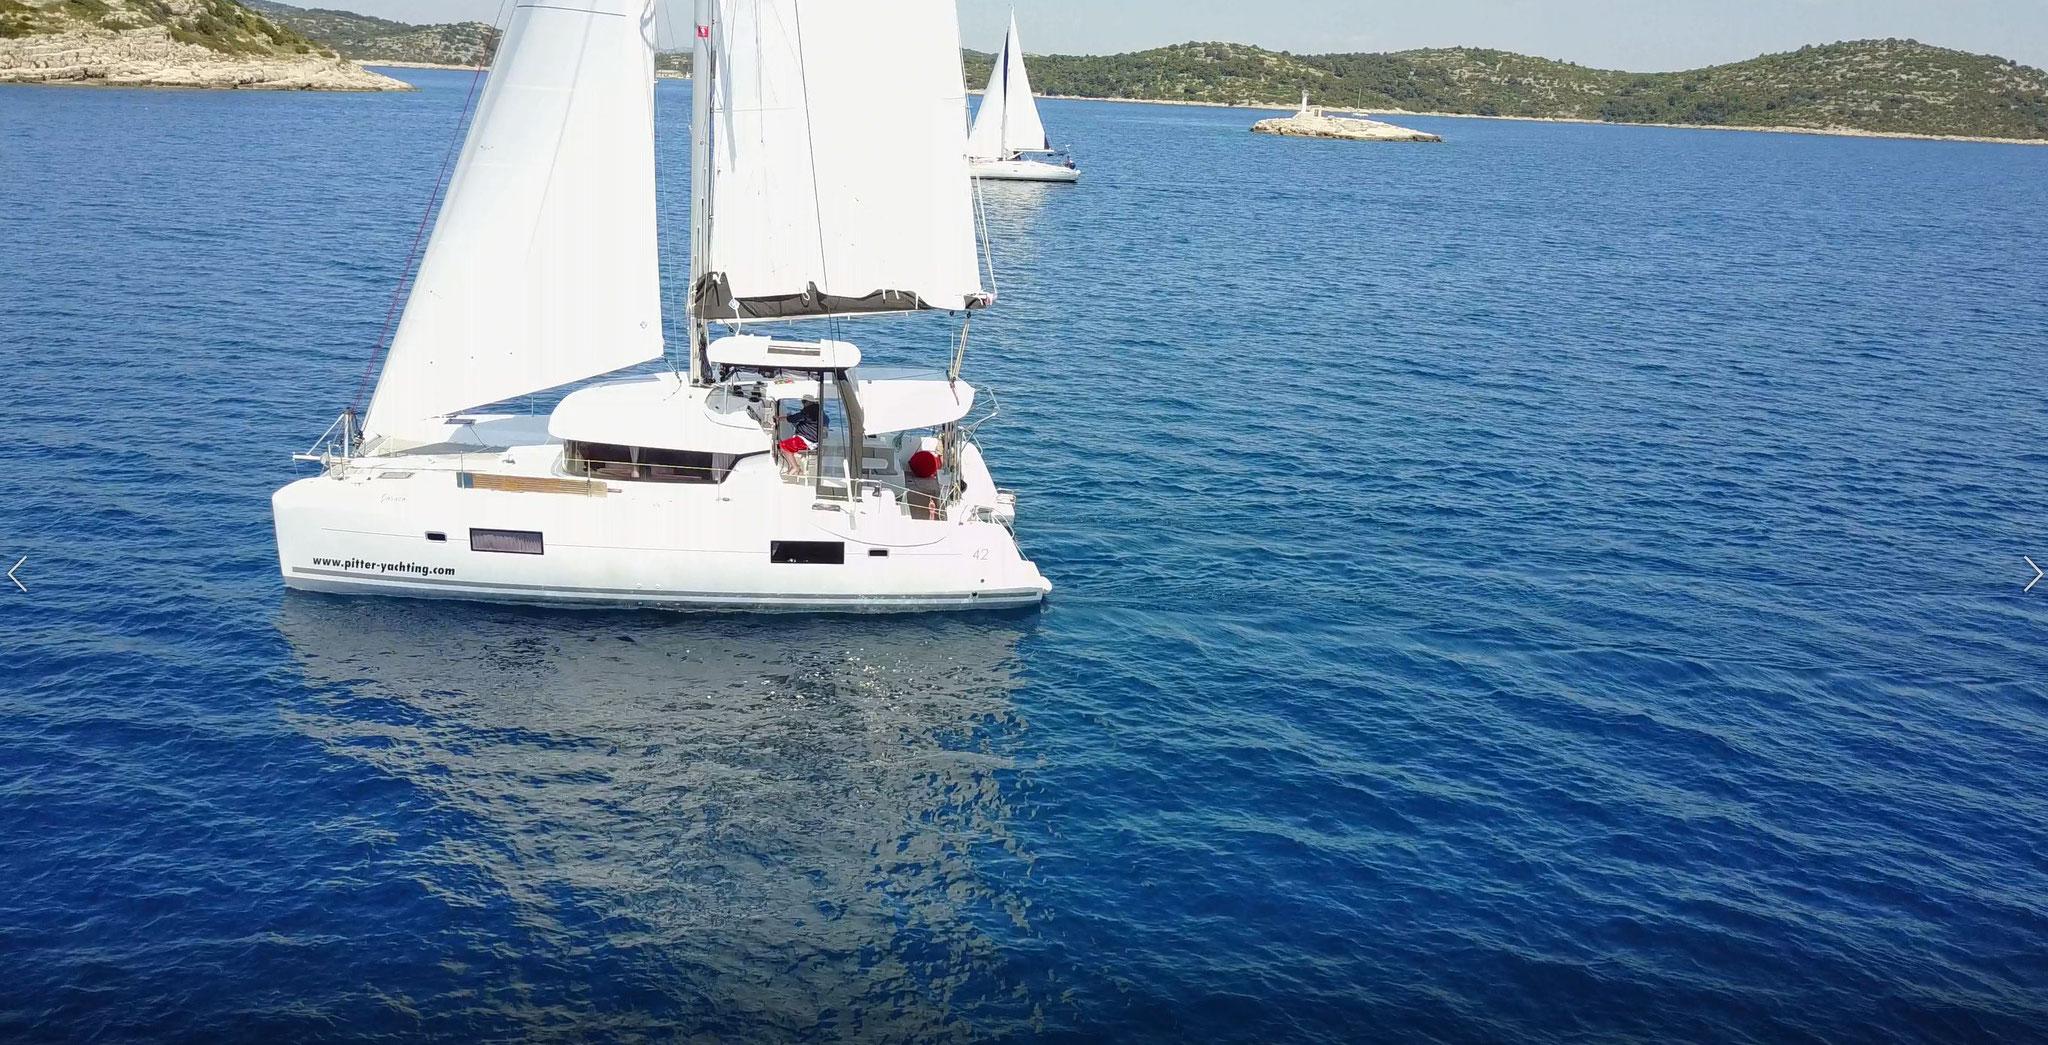 Katamaran Reisen als Charter Kroatien von SCT Marina in Trogir - www.katamaramtraum.com